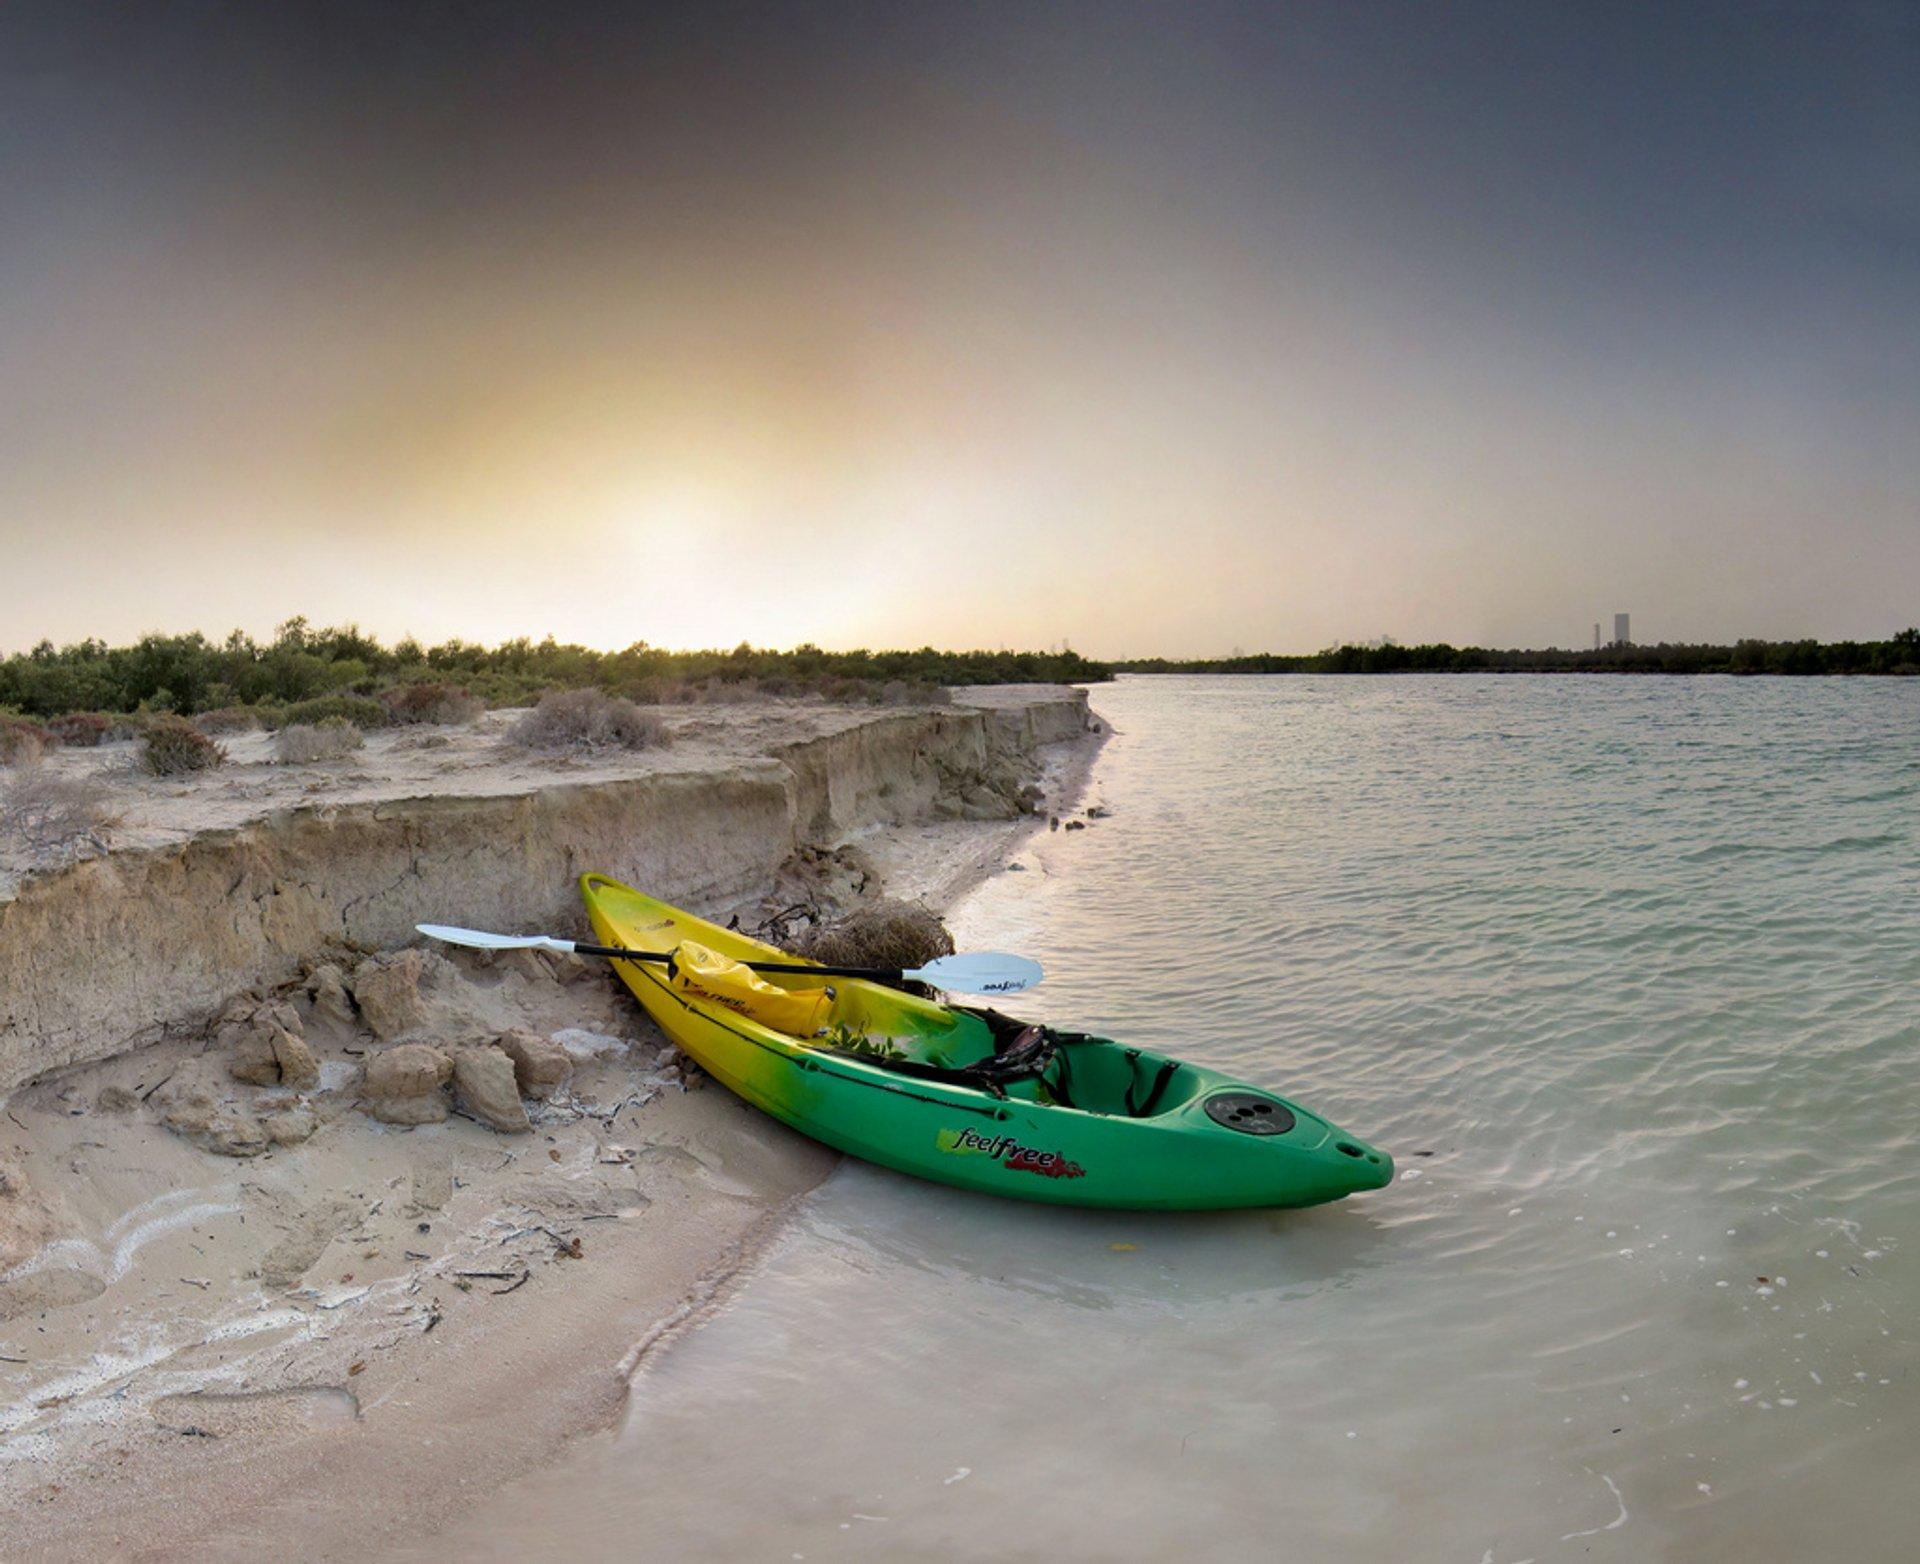 Abu Dhabi mangrove 2020